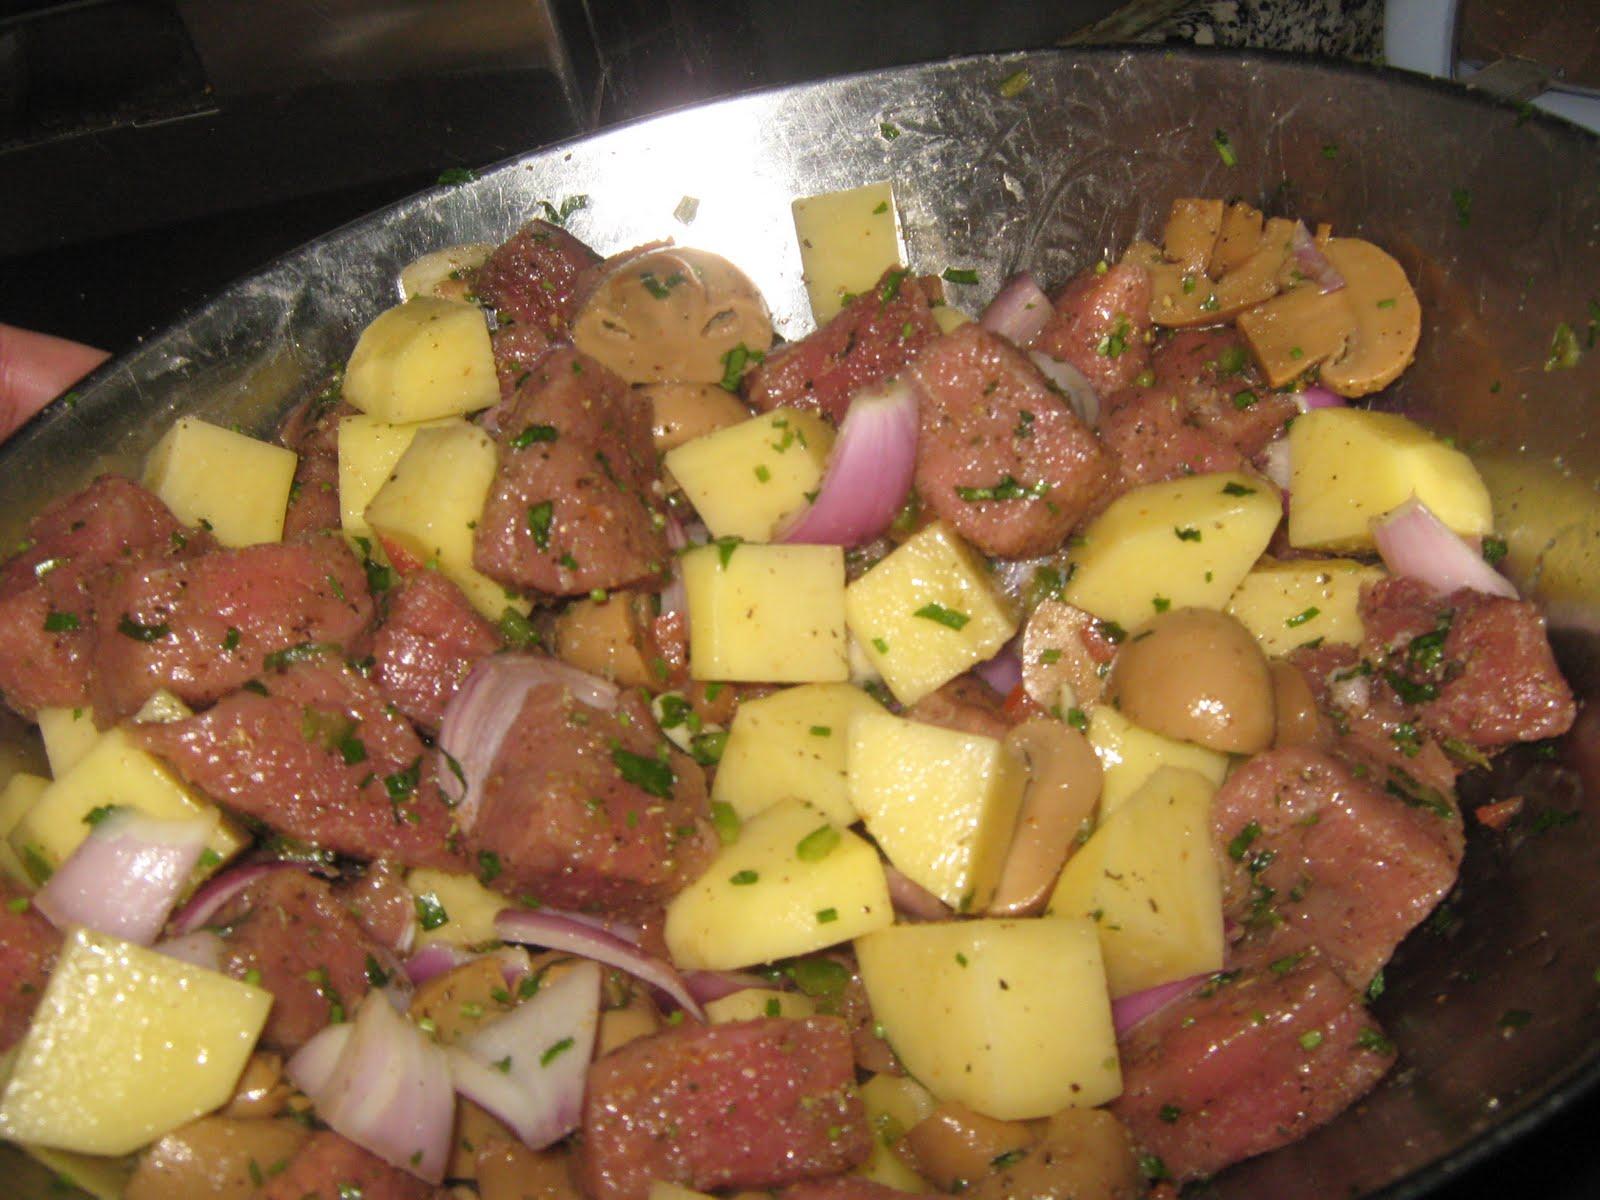 بالصور لحمه في الفرن بالصور , وصفات طهي طاجن 430 2